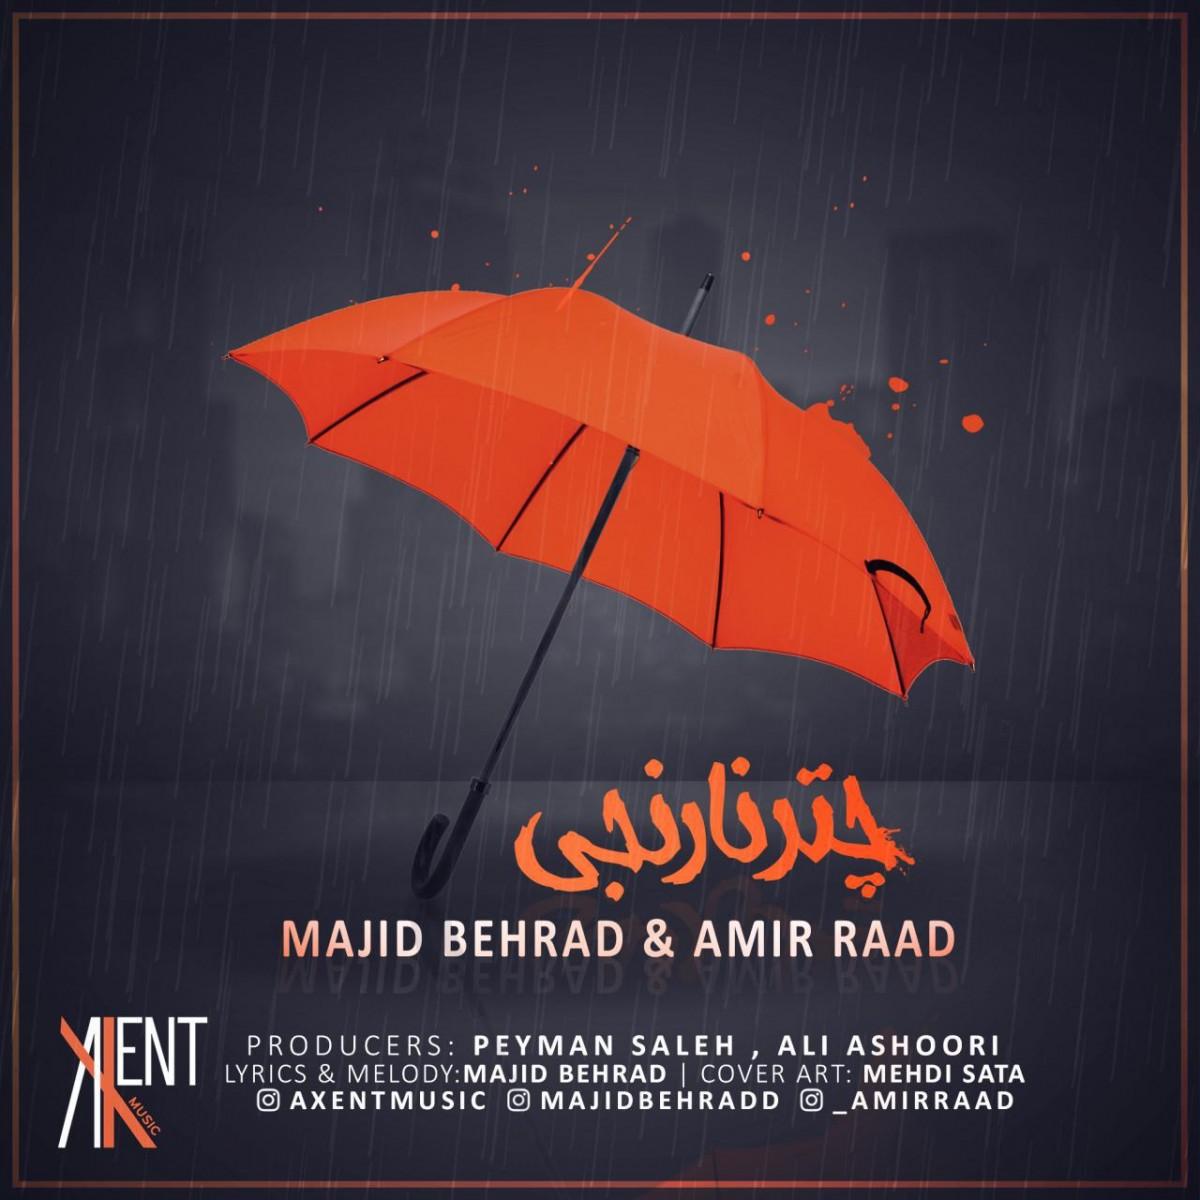 نامبر وان موزیک   دانلود آهنگ جدید Majid-Behrad-Amir-Raad-Chatr-Narenji